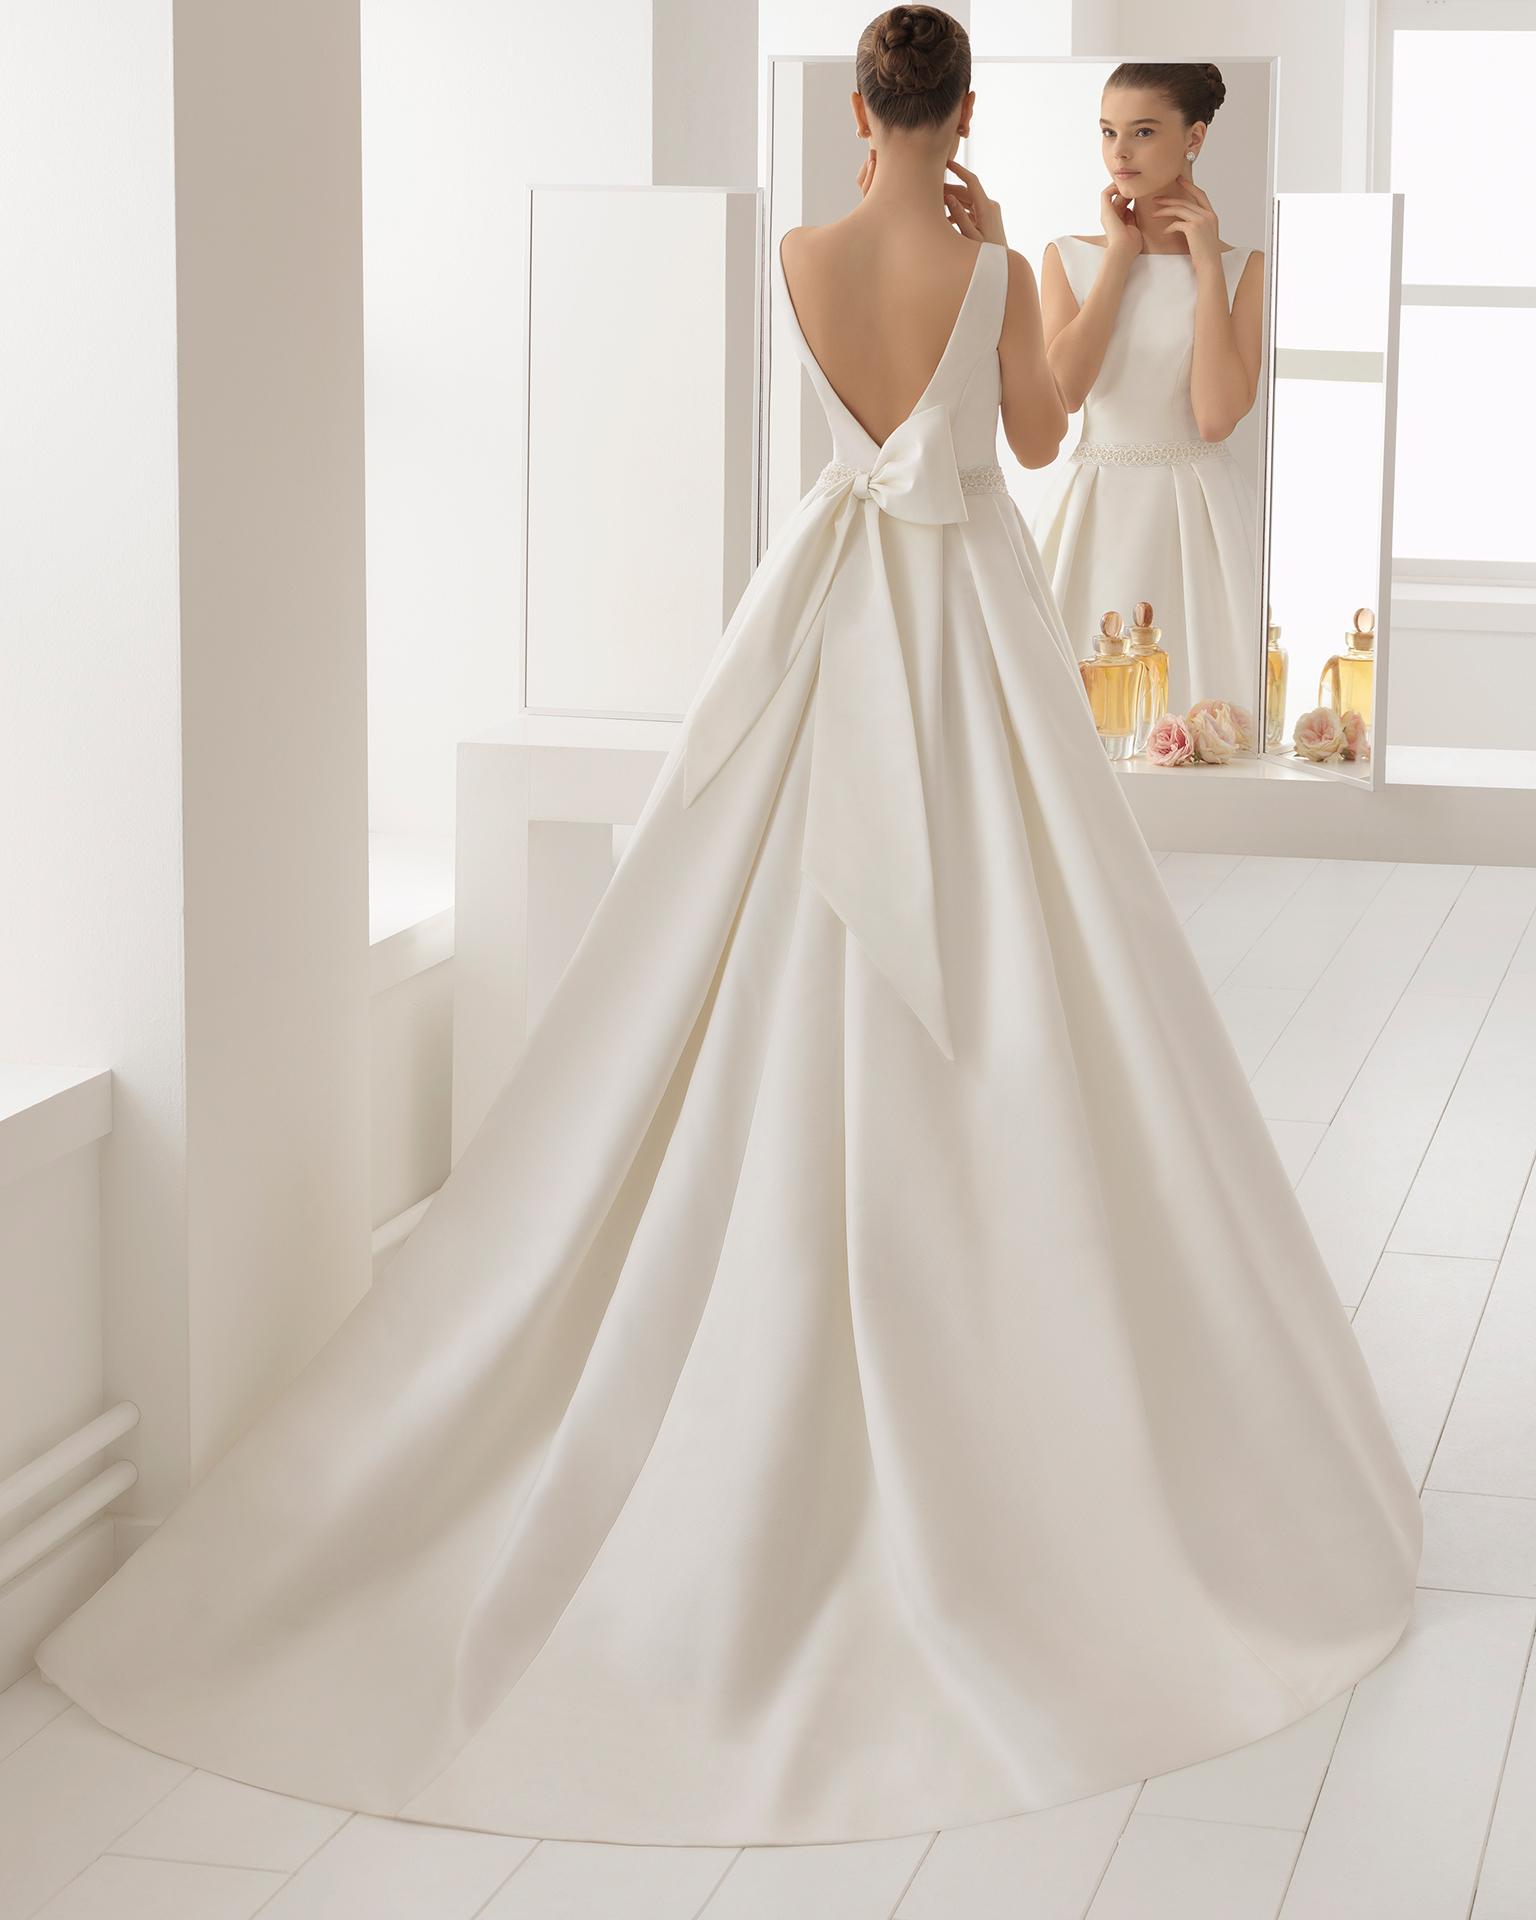 Vestido de novia estilo clásico en otoman y pedreria con escote barco.